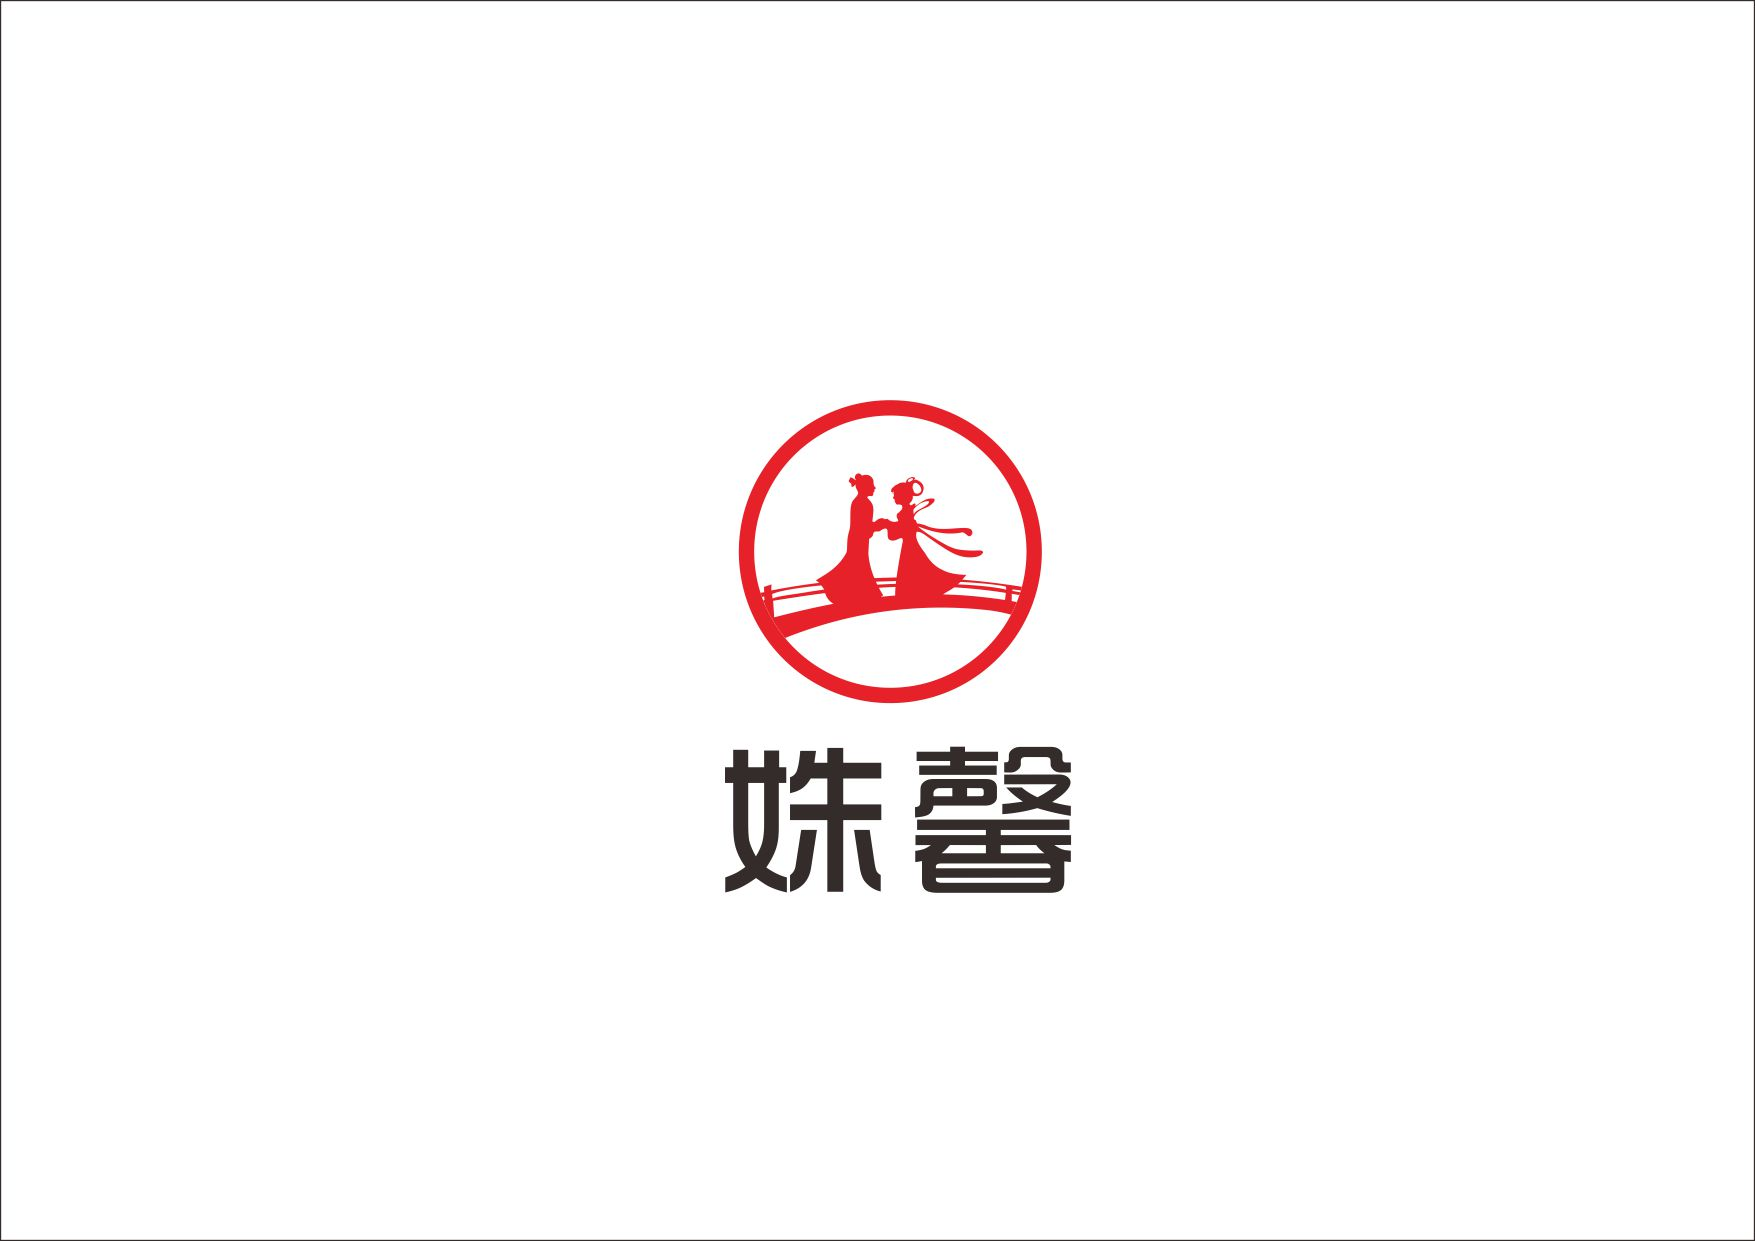 简单大气的logo设计